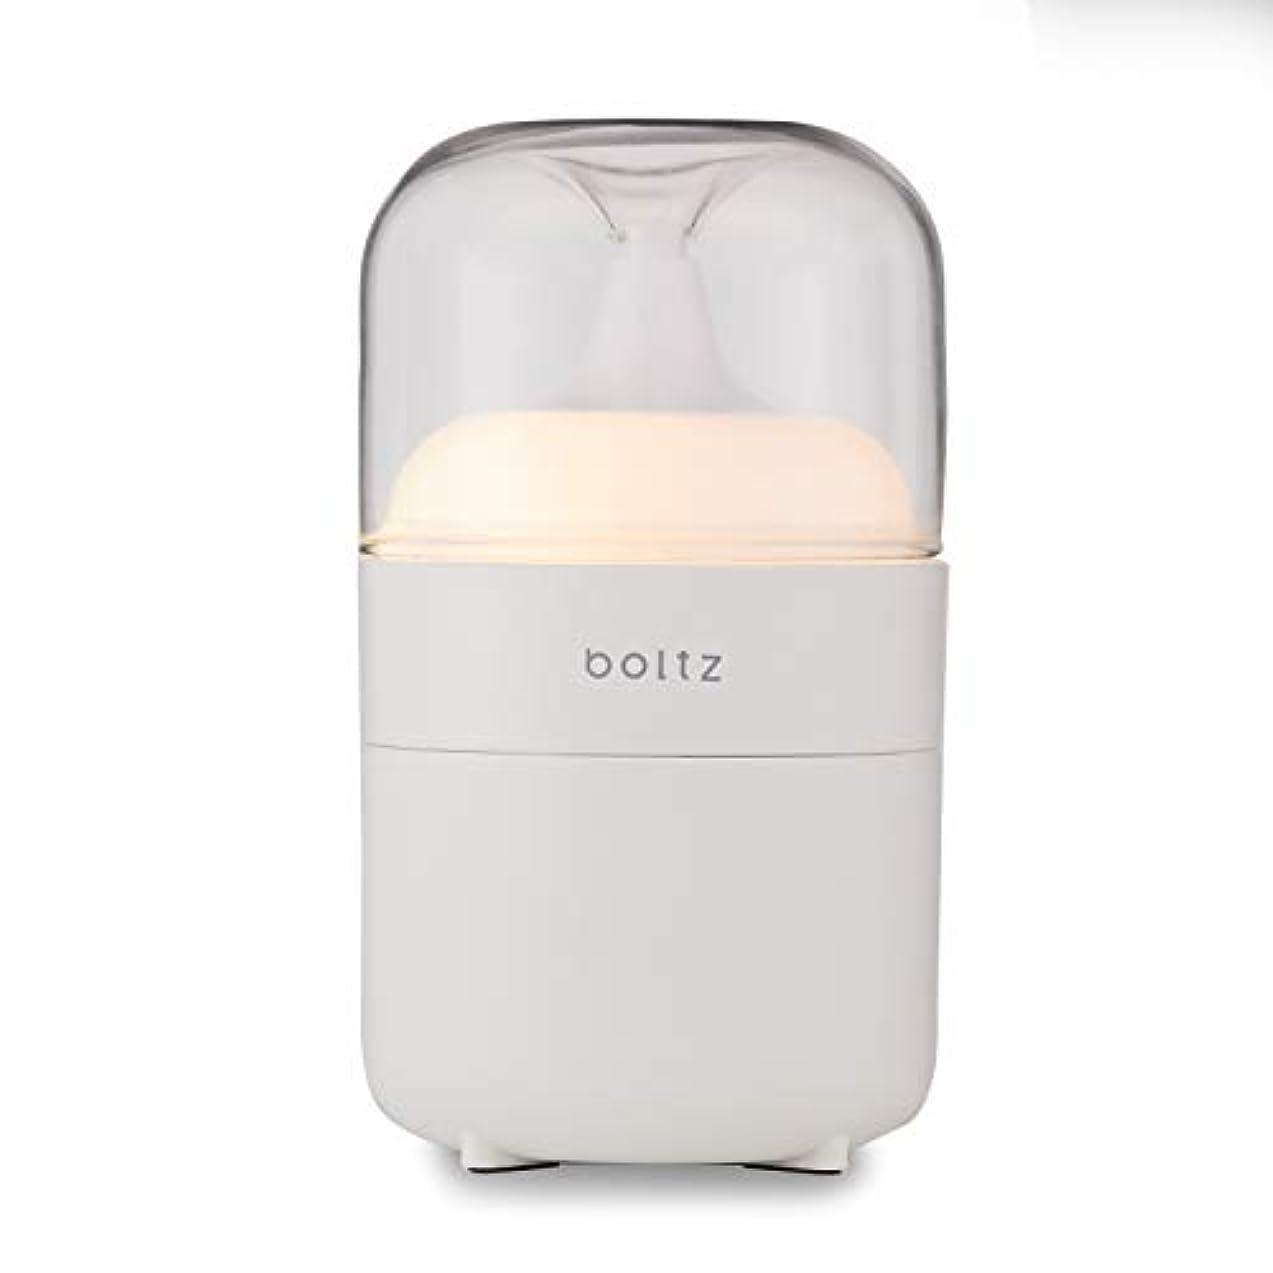 チャンピオンシップレザーめるLOWYA(ロウヤ) boltz アロマディフューザー ネプライザー式 アロマオイル対応 間接照明 おしゃれ USB対応